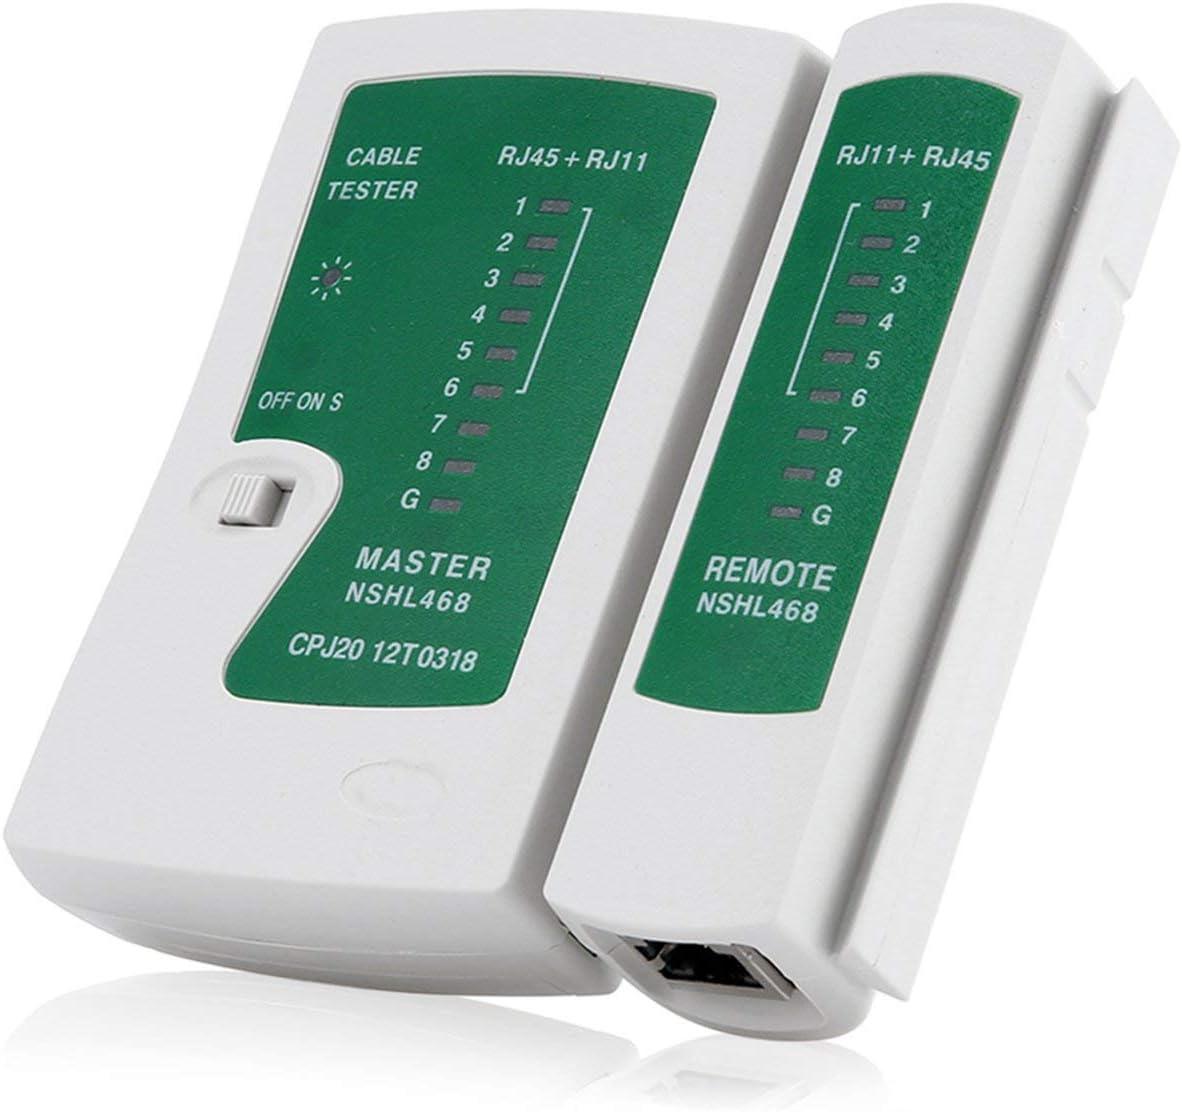 Blanc et vert Professional RJ45 RJ11 Cat5 Cat6 Testeur de c/âble LAN Testeur de c/âble r/éseau portable D/étecteur de ligne t/él/éphonique Tracker Kit doutils FRjasnyfall